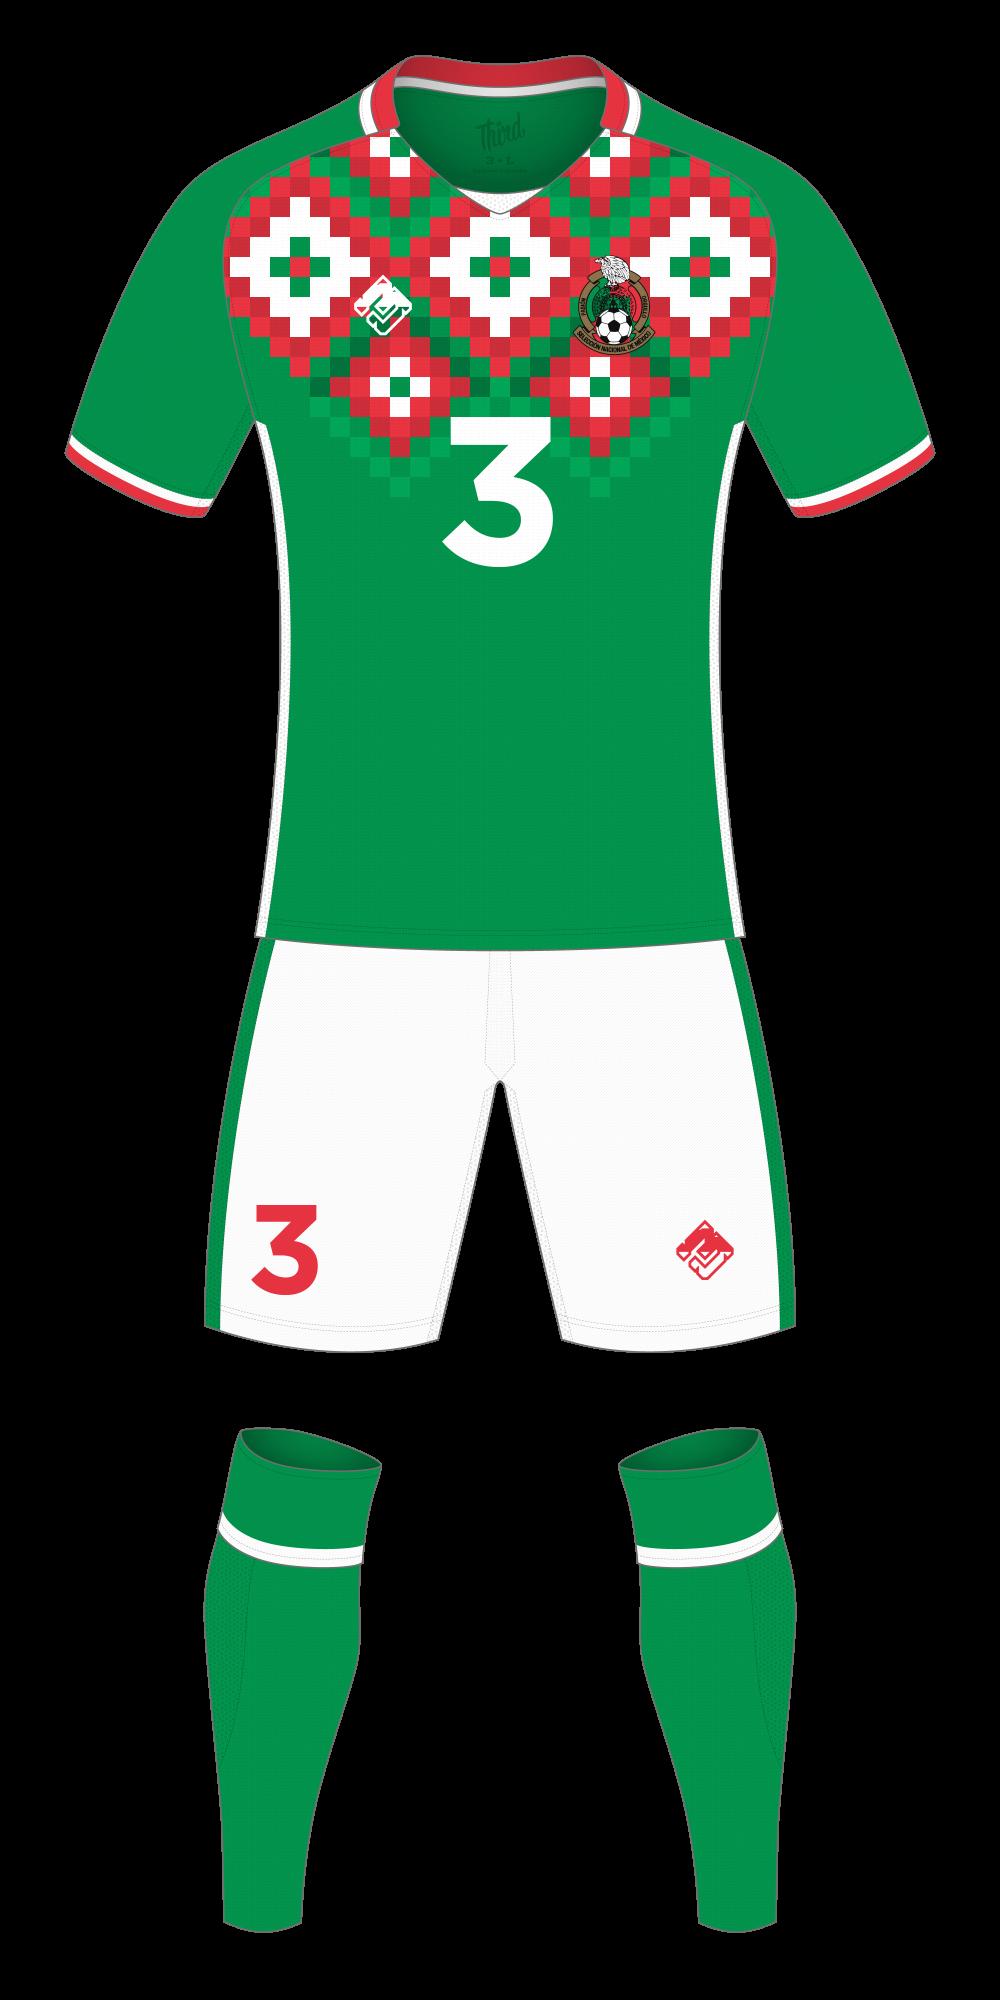 Mexico World Cup 2018 concept